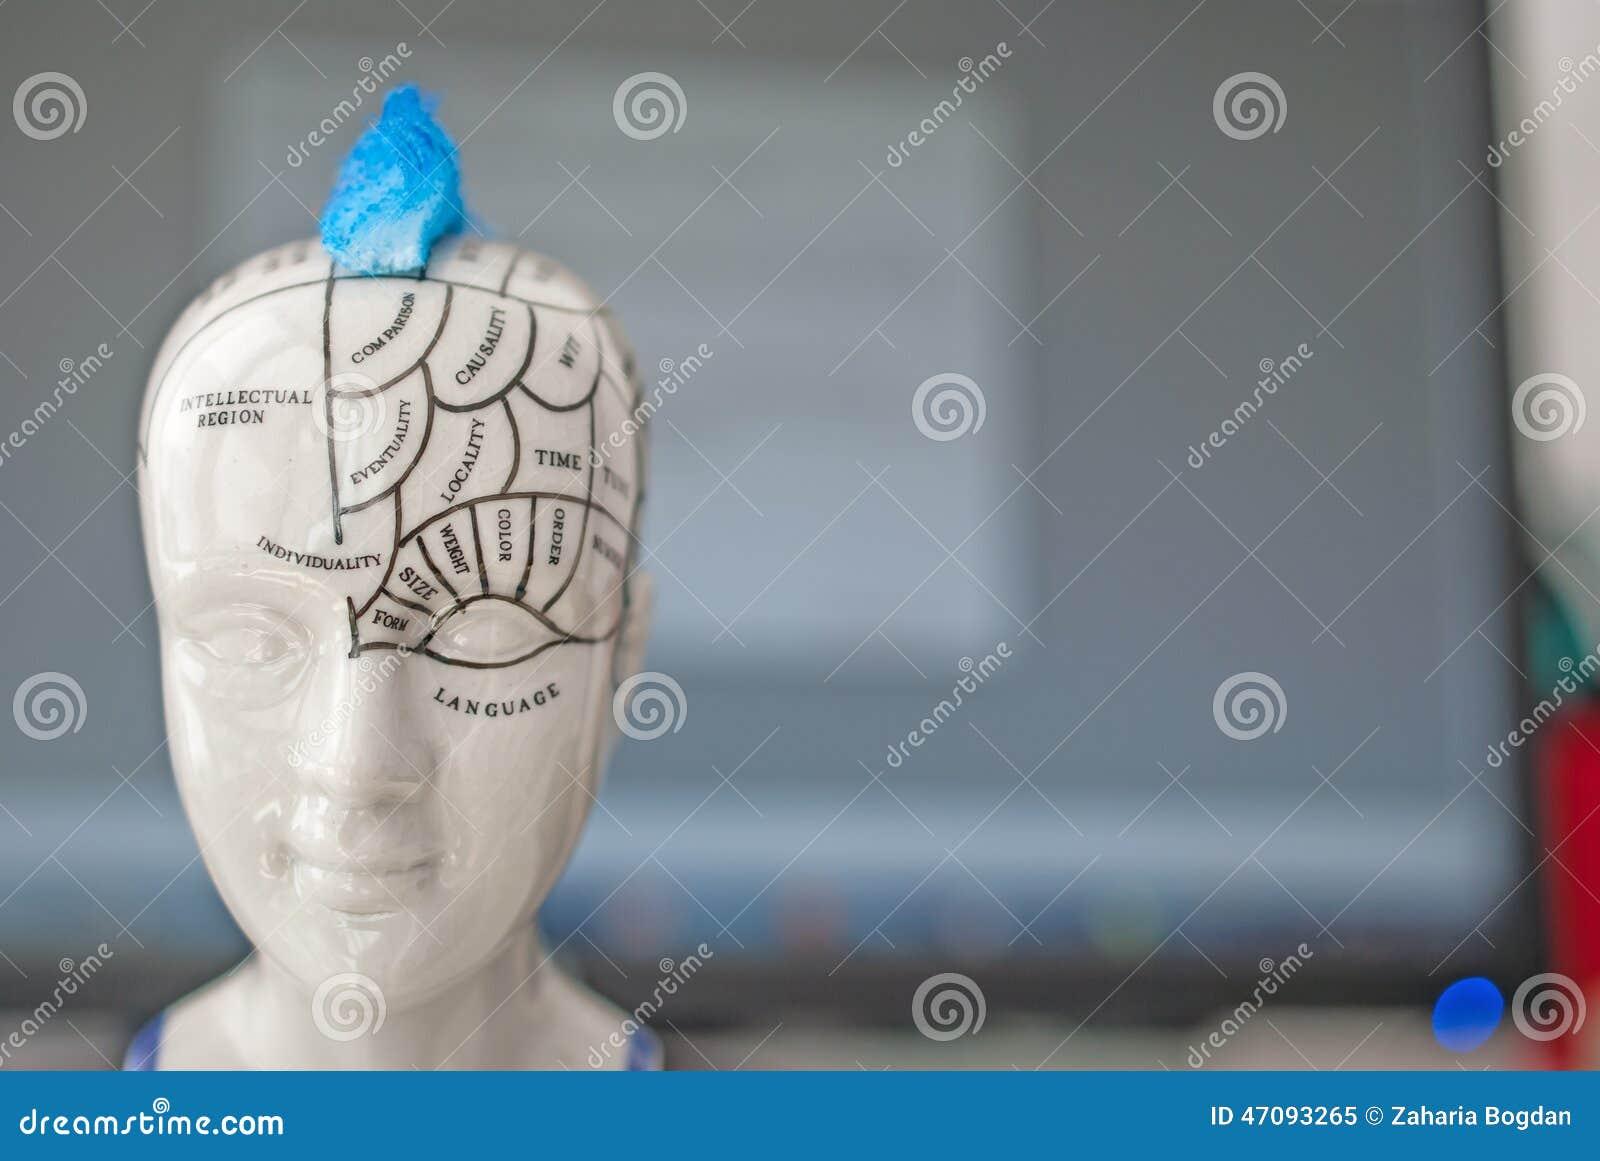 Partes del cerebro ilustración del vector. Ilustración de frontal ...